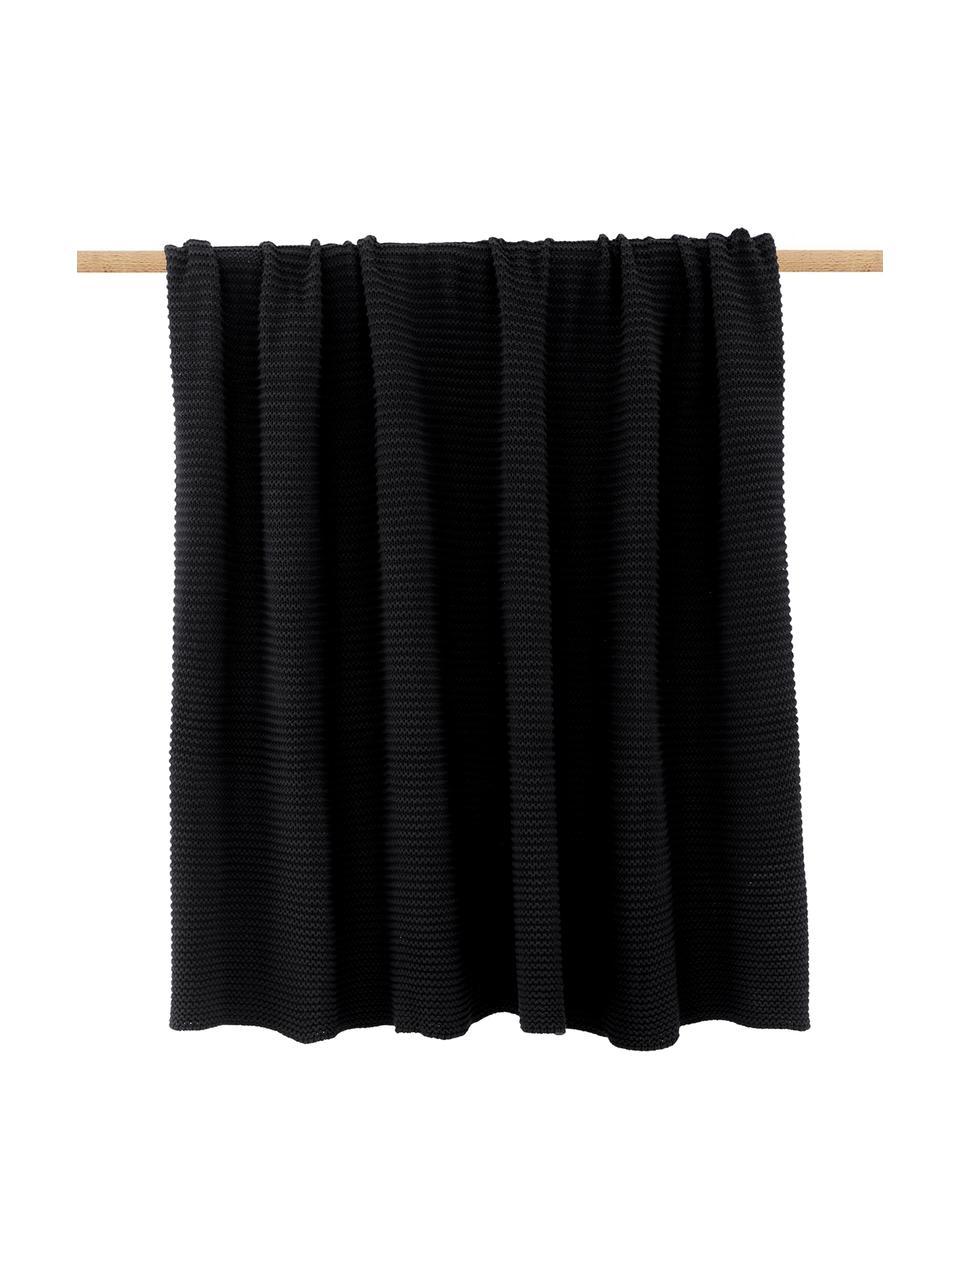 Gebreide plaid Adalyn in zwart, 100% katoen, Zwart, 150 x 200 cm